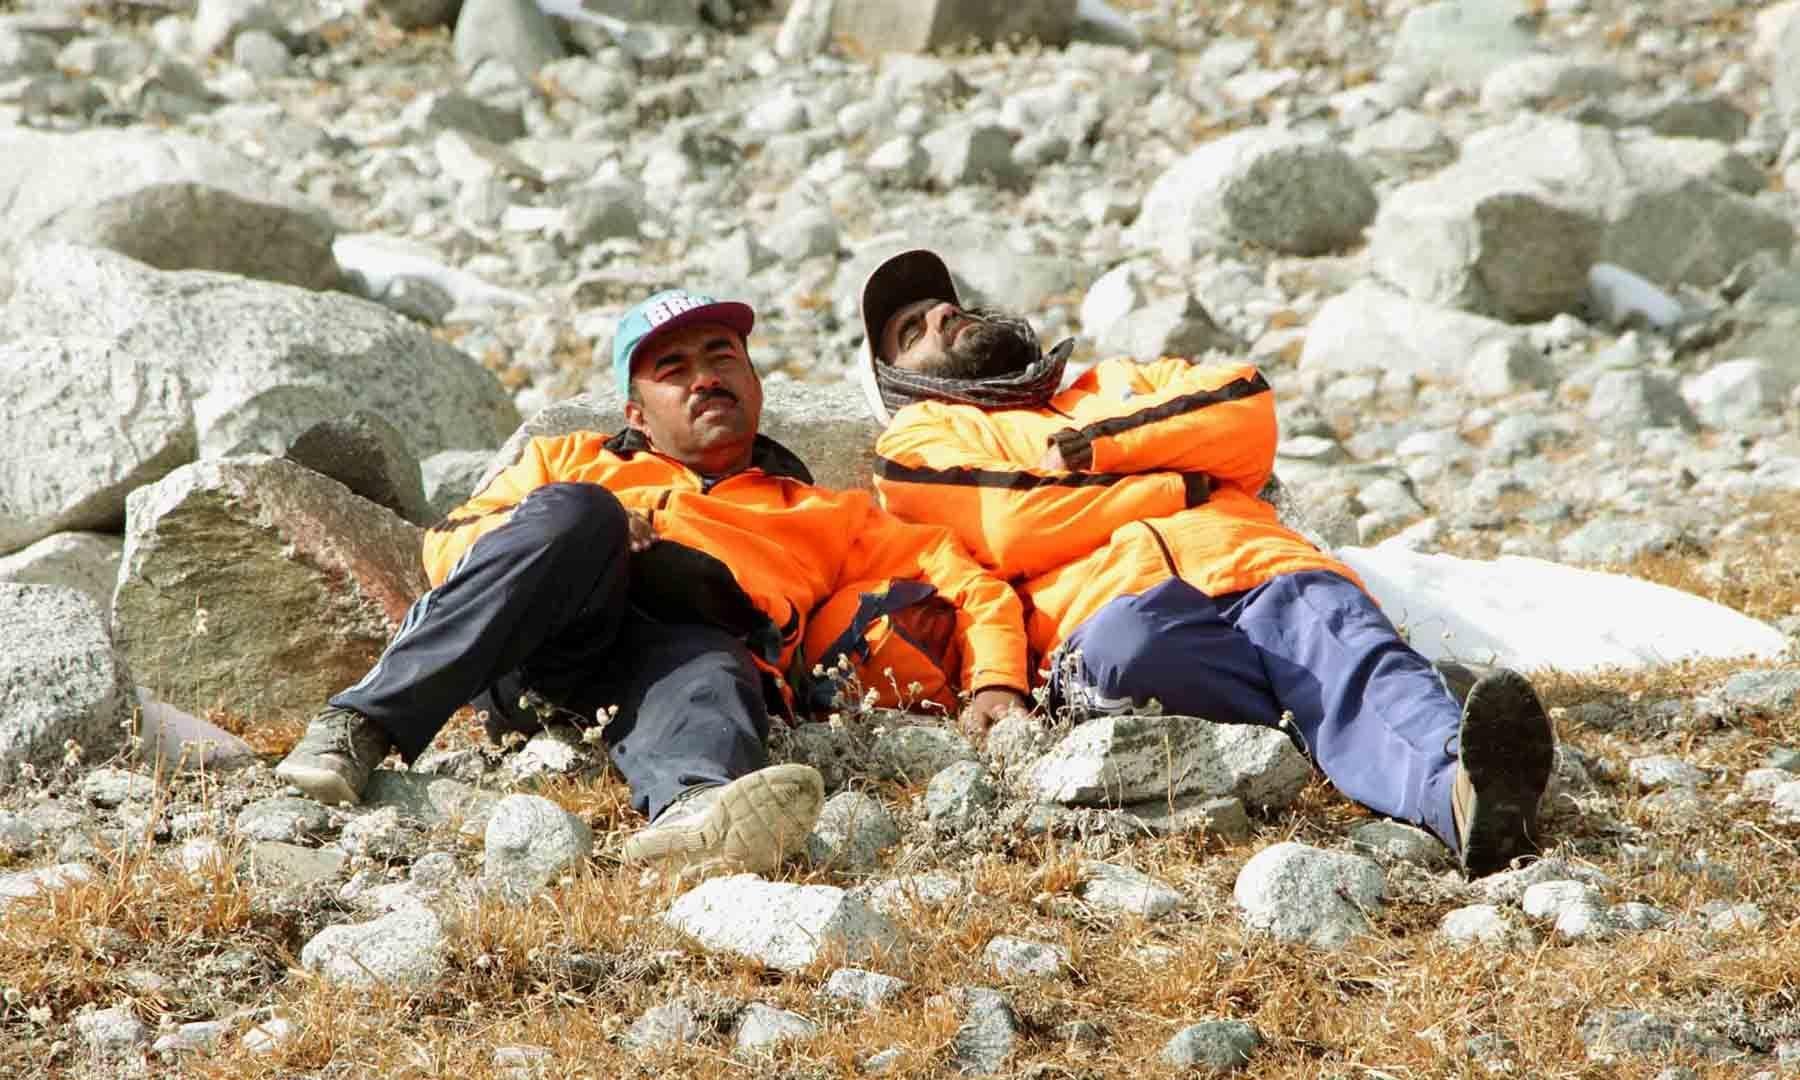 تھکنے کے بعد سستانے کا ایک منظر—تصویر امجد علی سحاب